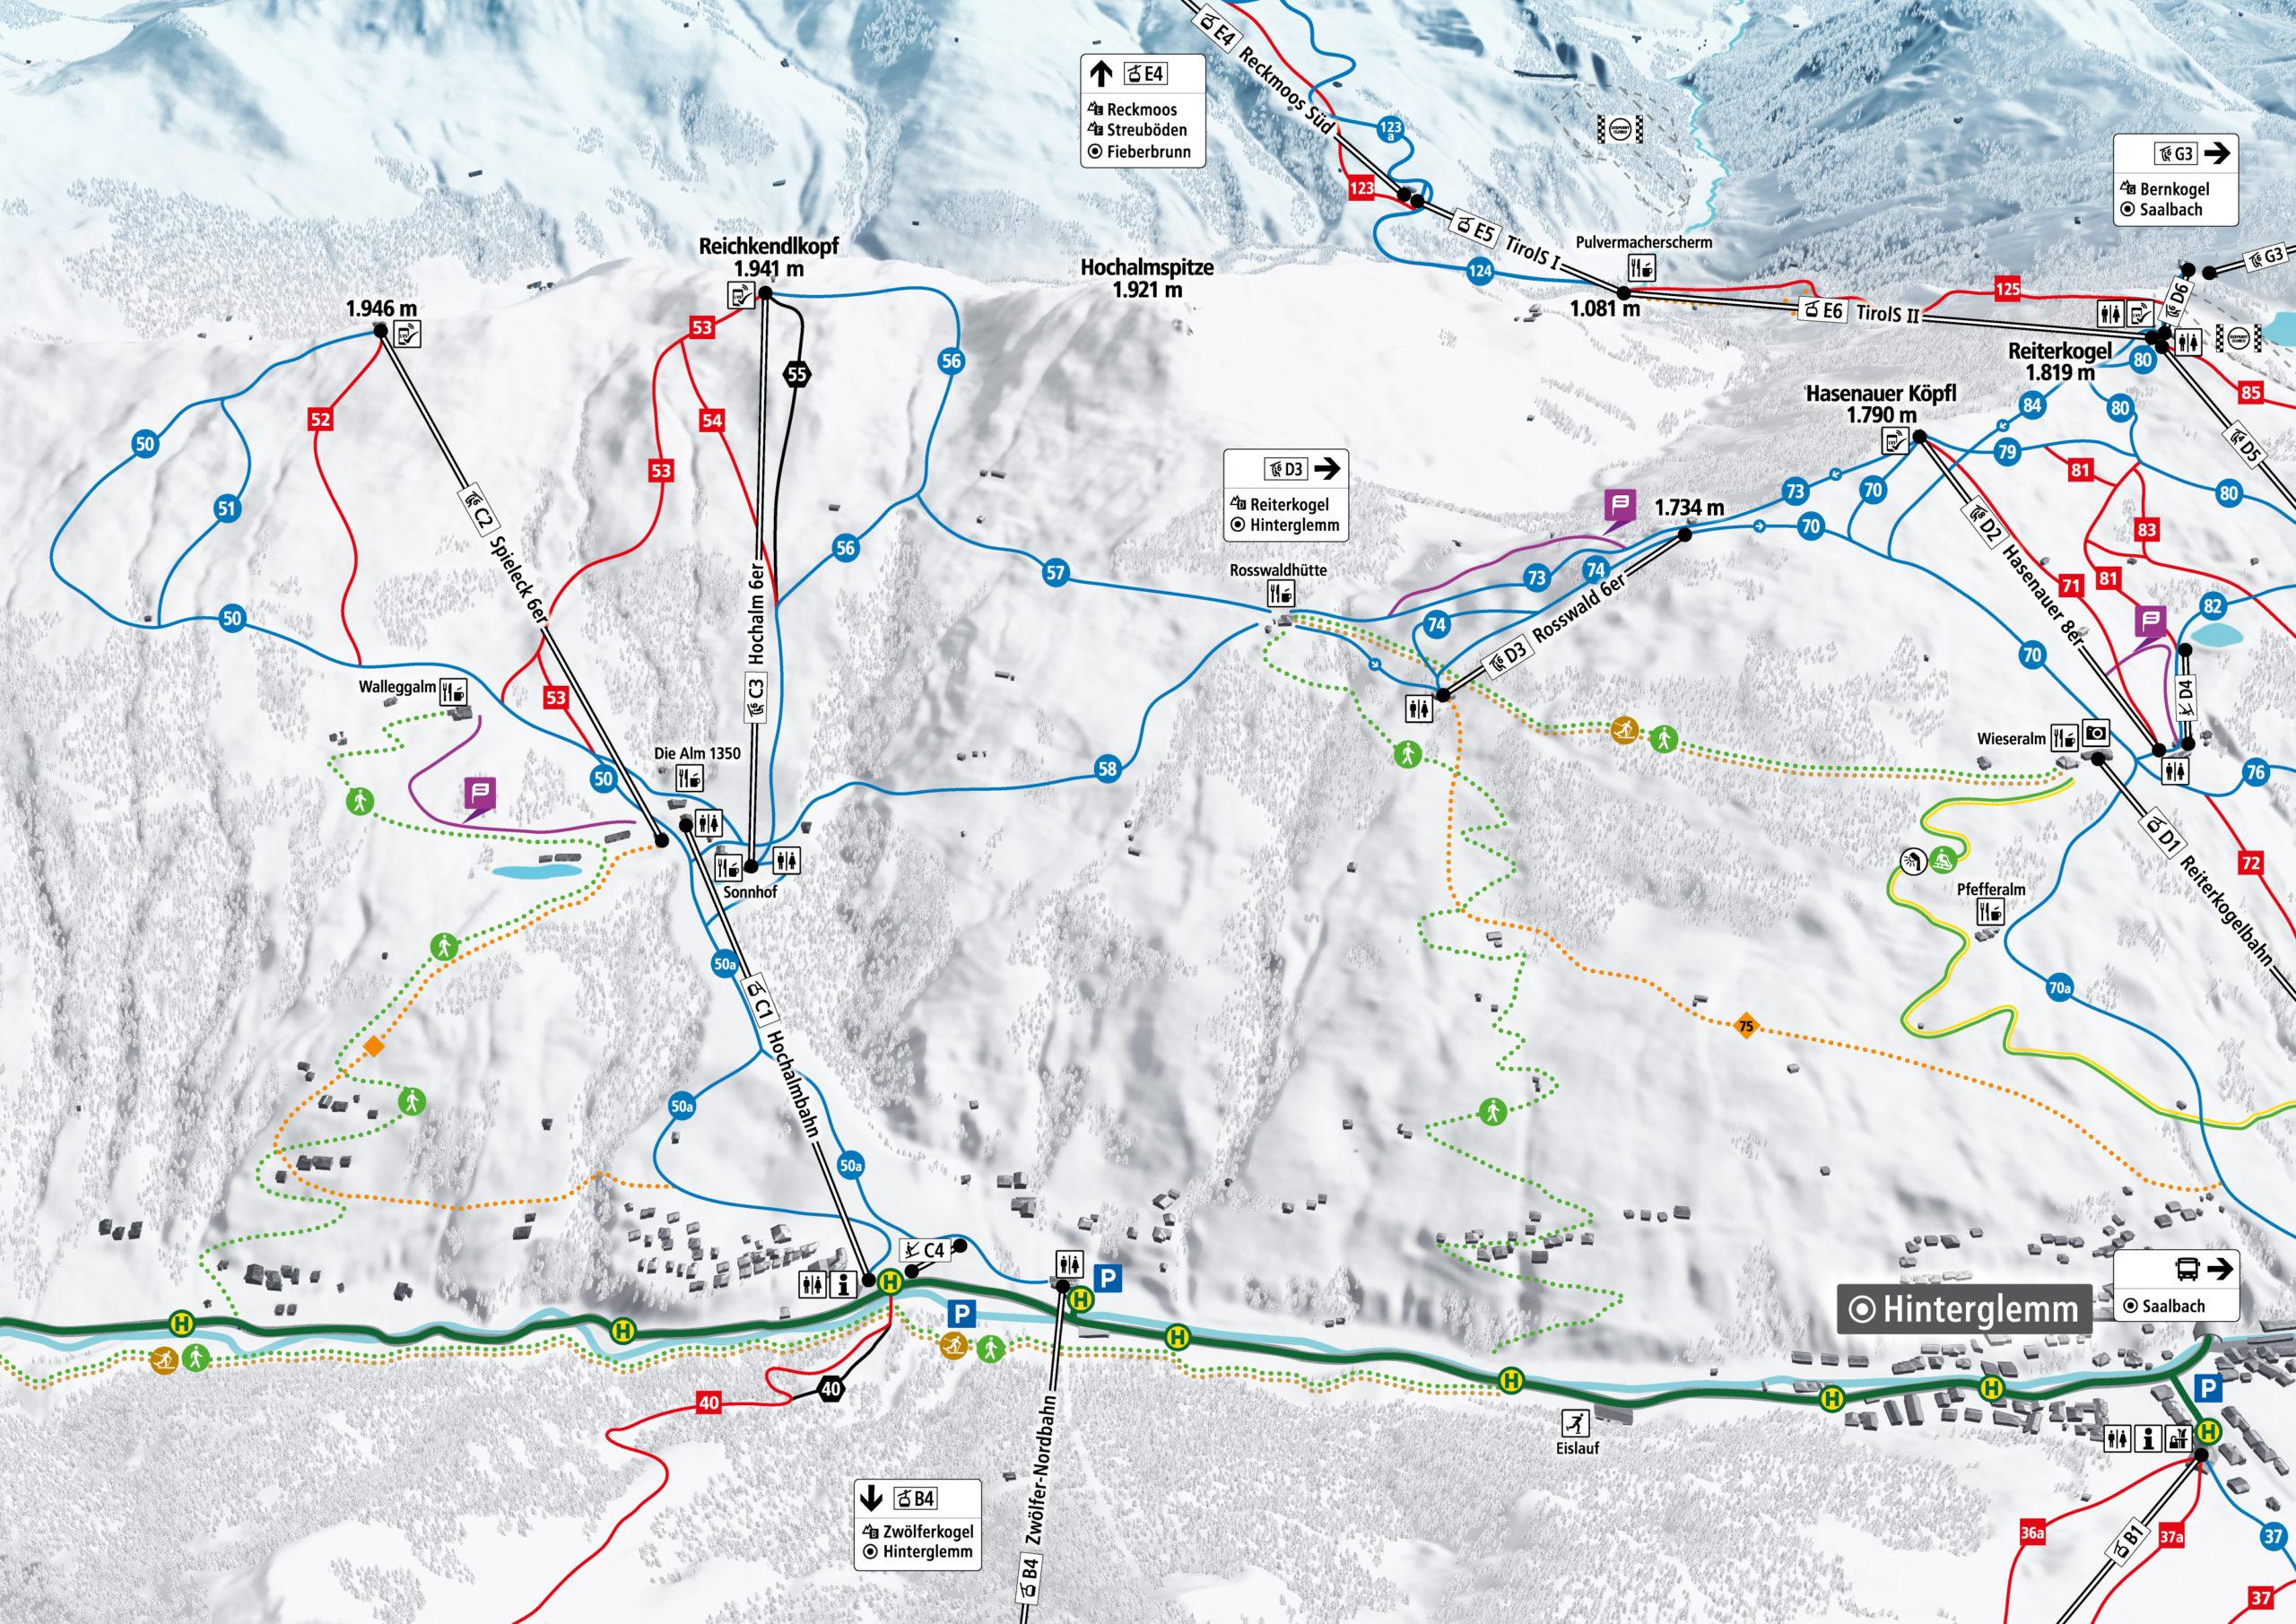 3D Pistenplan und Panoramakarte Skicircus Saalbach Hinterglemm Leogang Fieberbrunn Zone C Hochalm